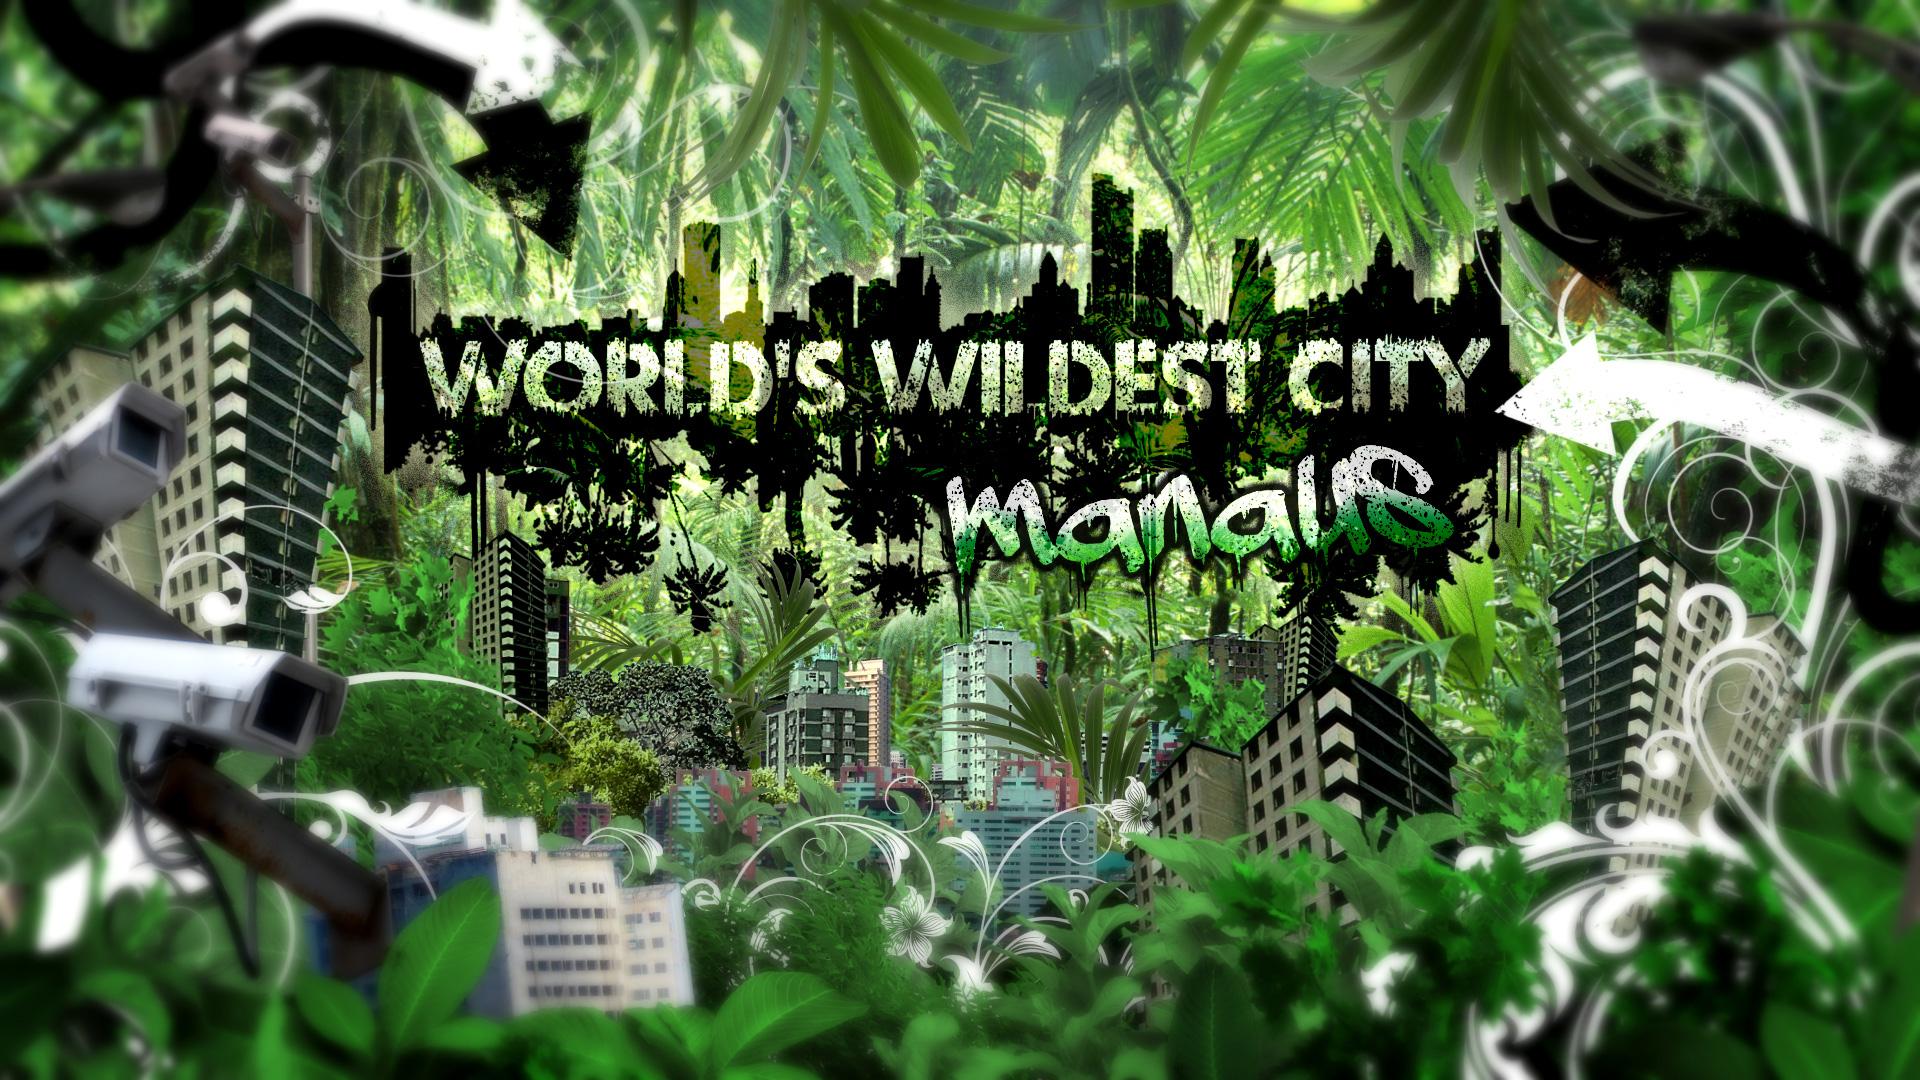 Worlds Wildest City ©HoleyandMoley 2014